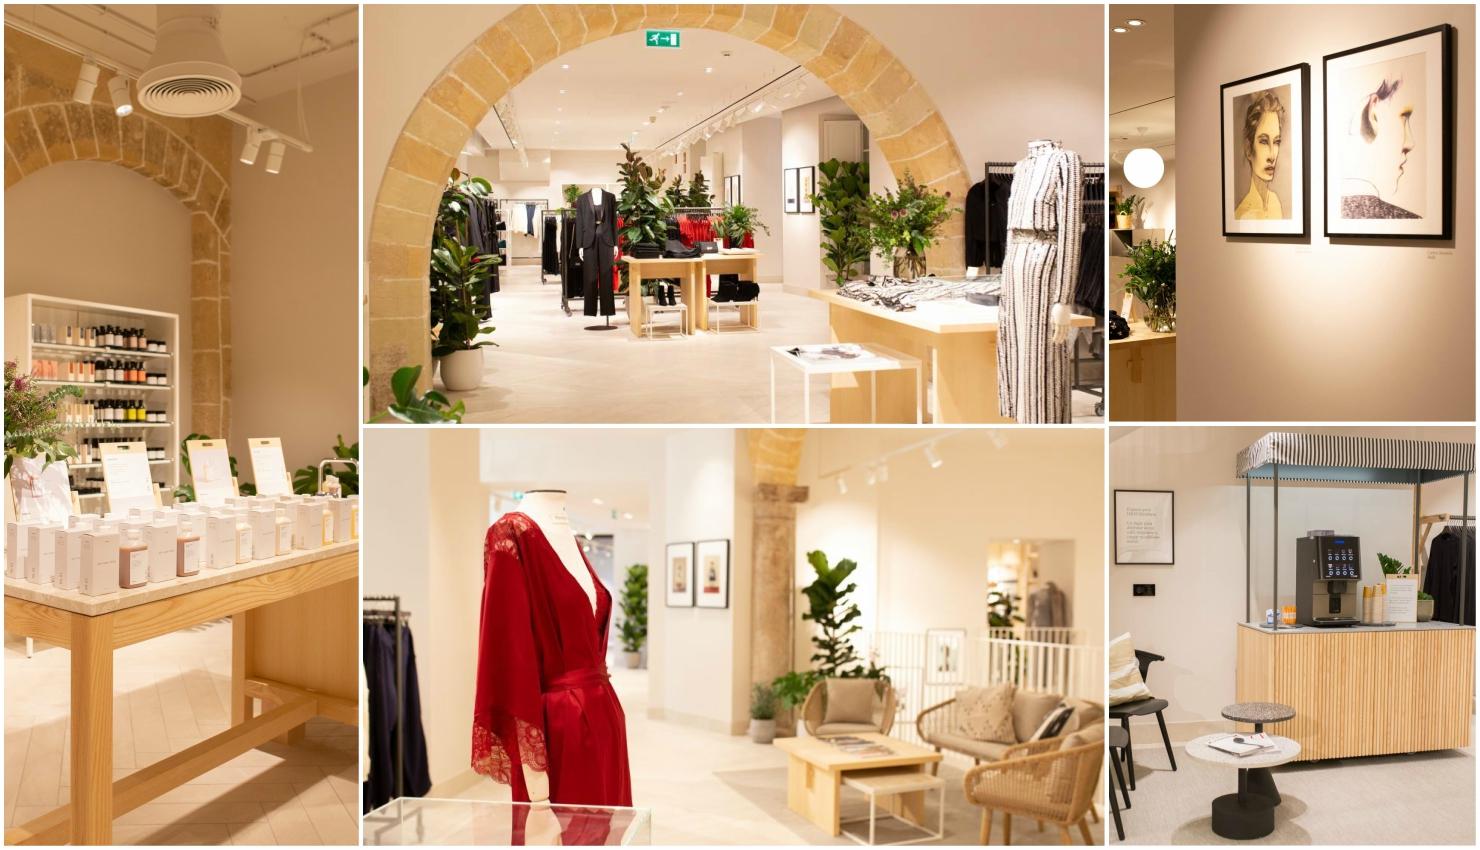 Diseño mediterráneo H&M Mallorca